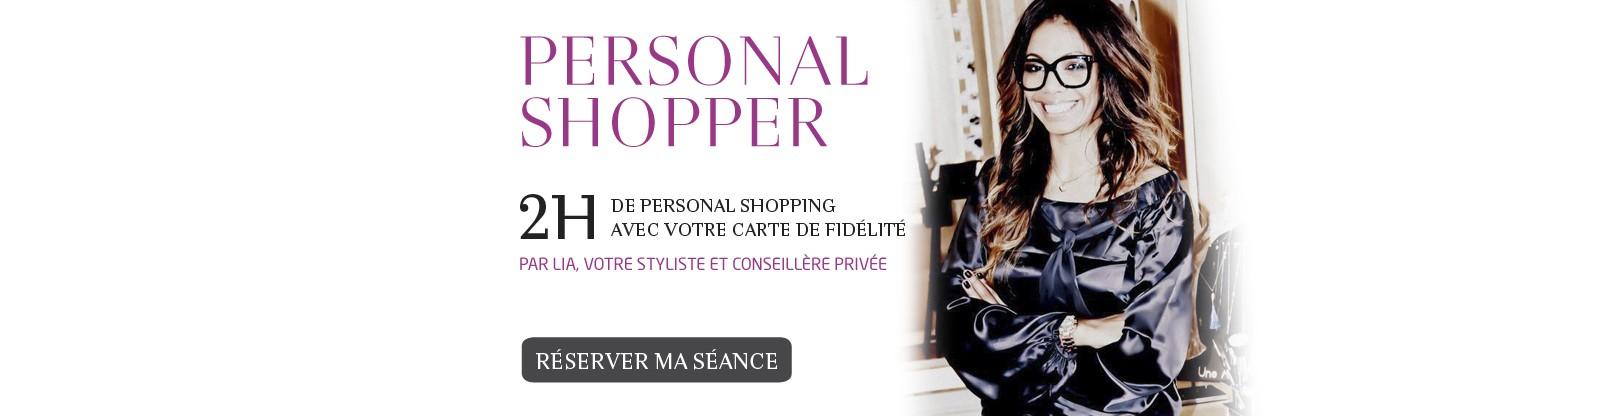 slider_personalshopper